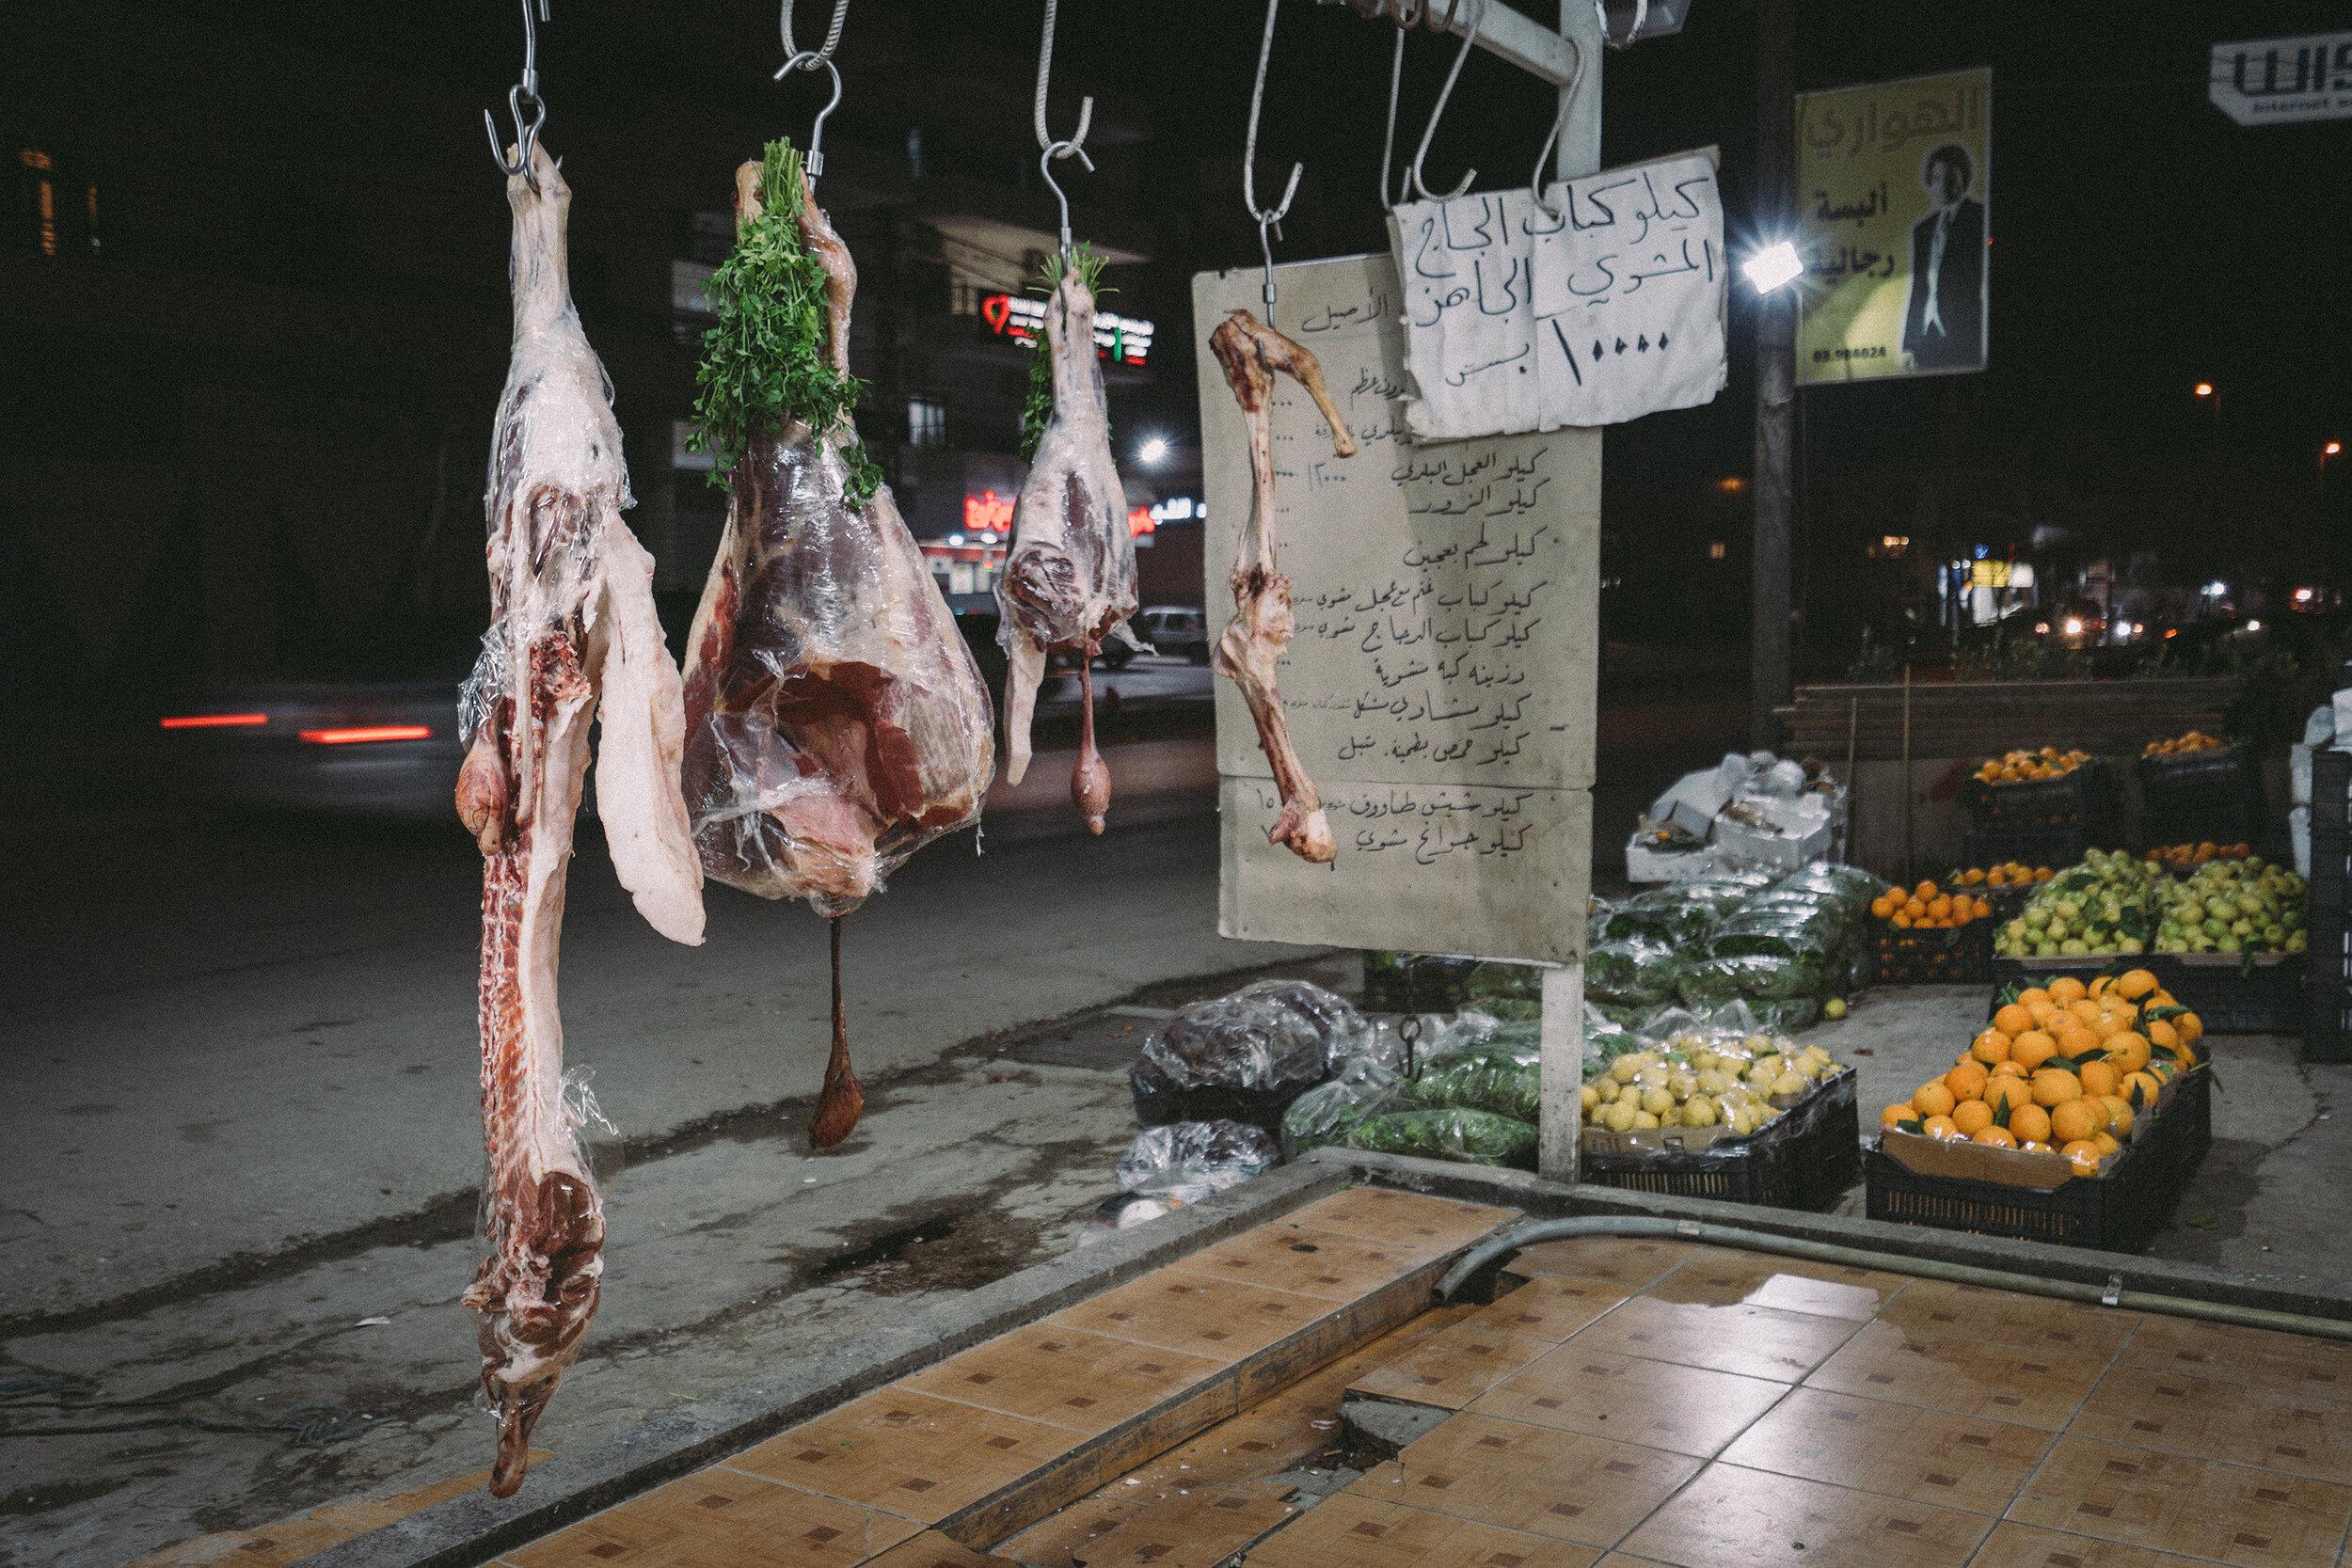 Viande d'une boucherie, plaine de la Bekaa